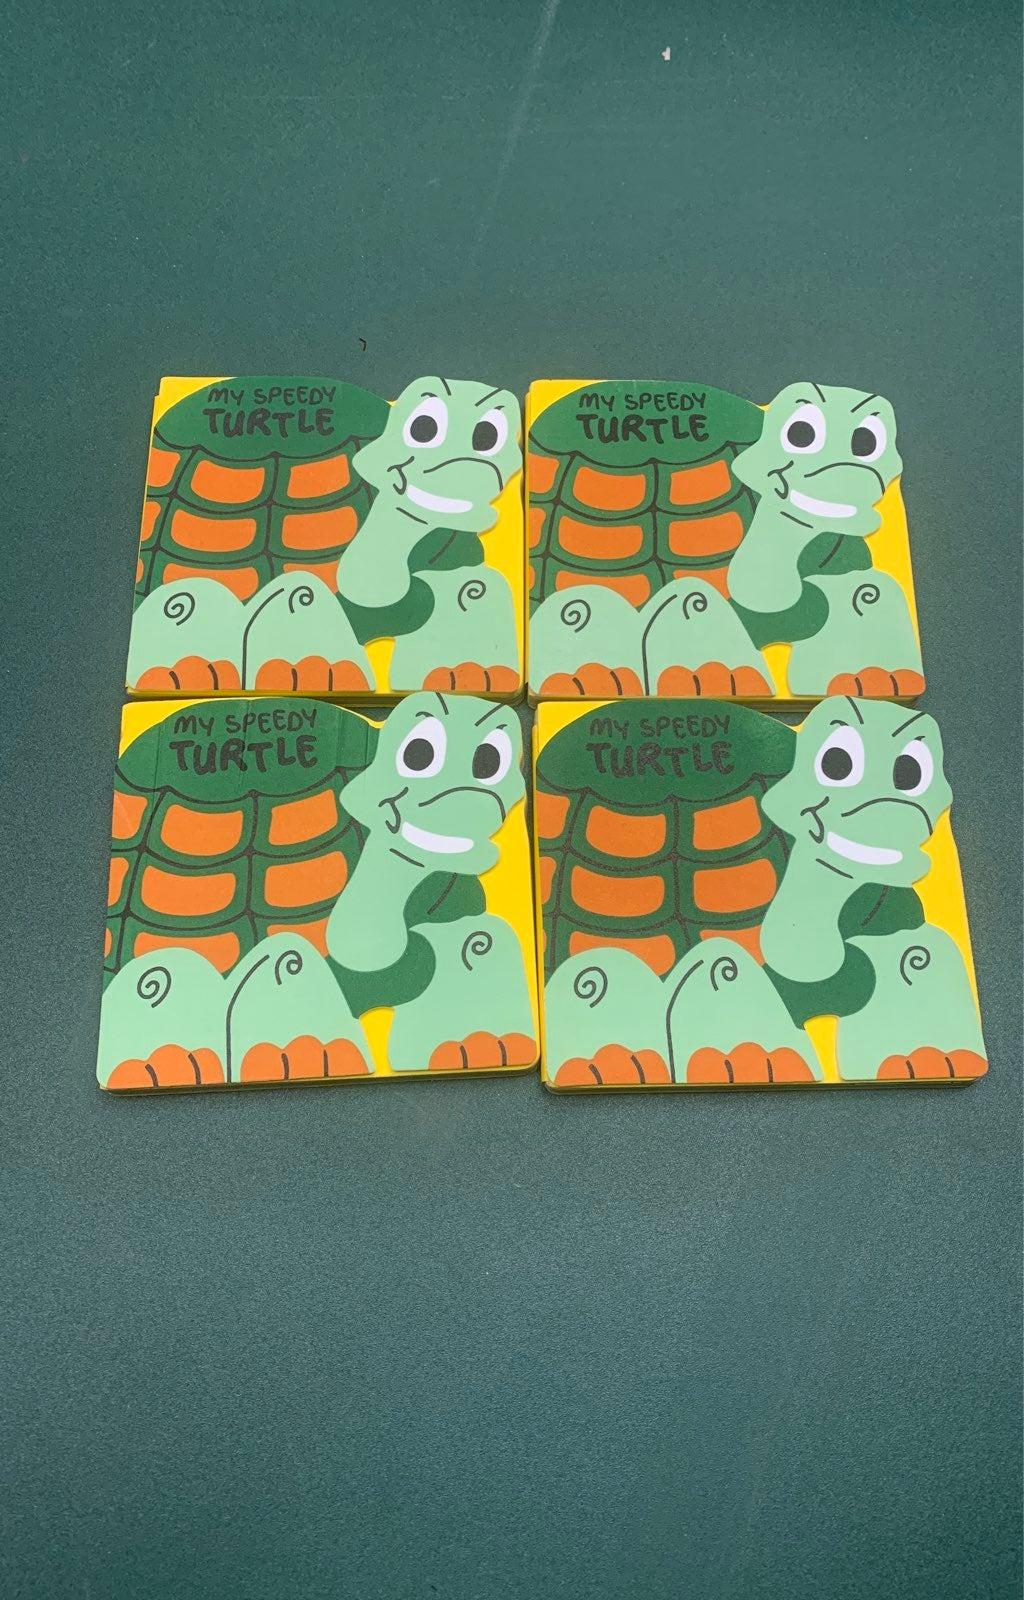 My Speedy Turtle sponge books x4